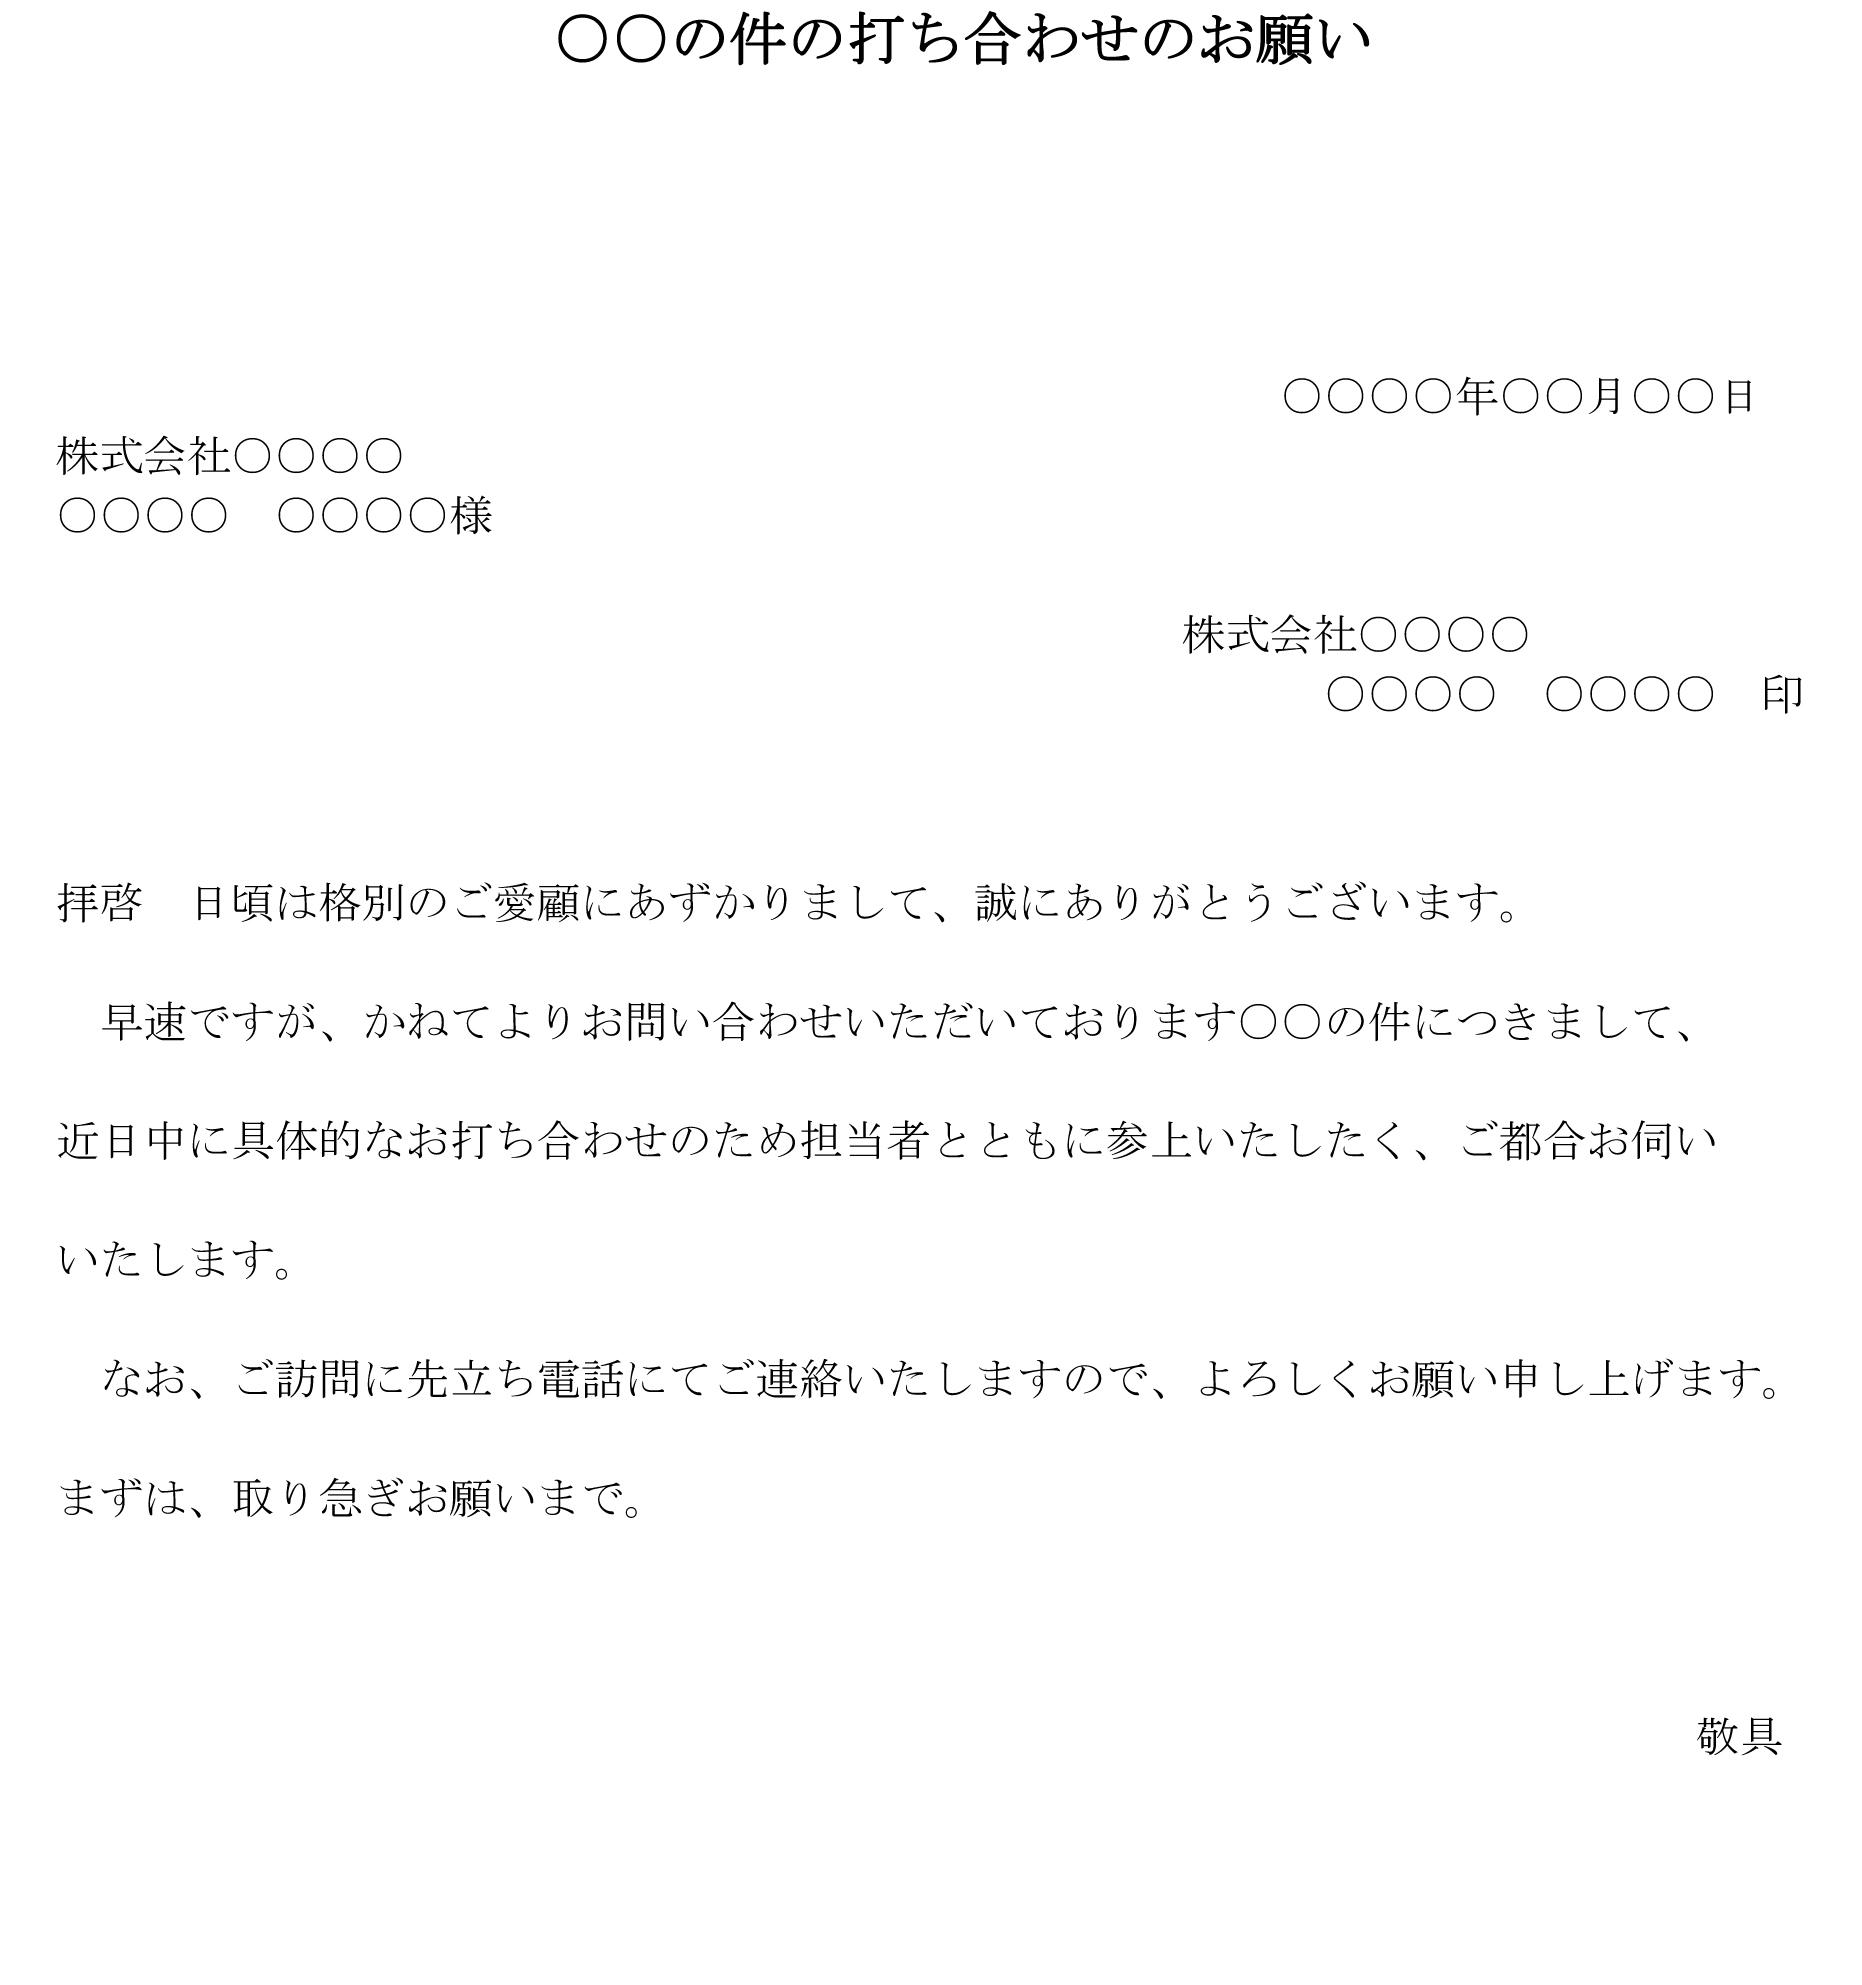 依頼状(打ち合わせのお願い)